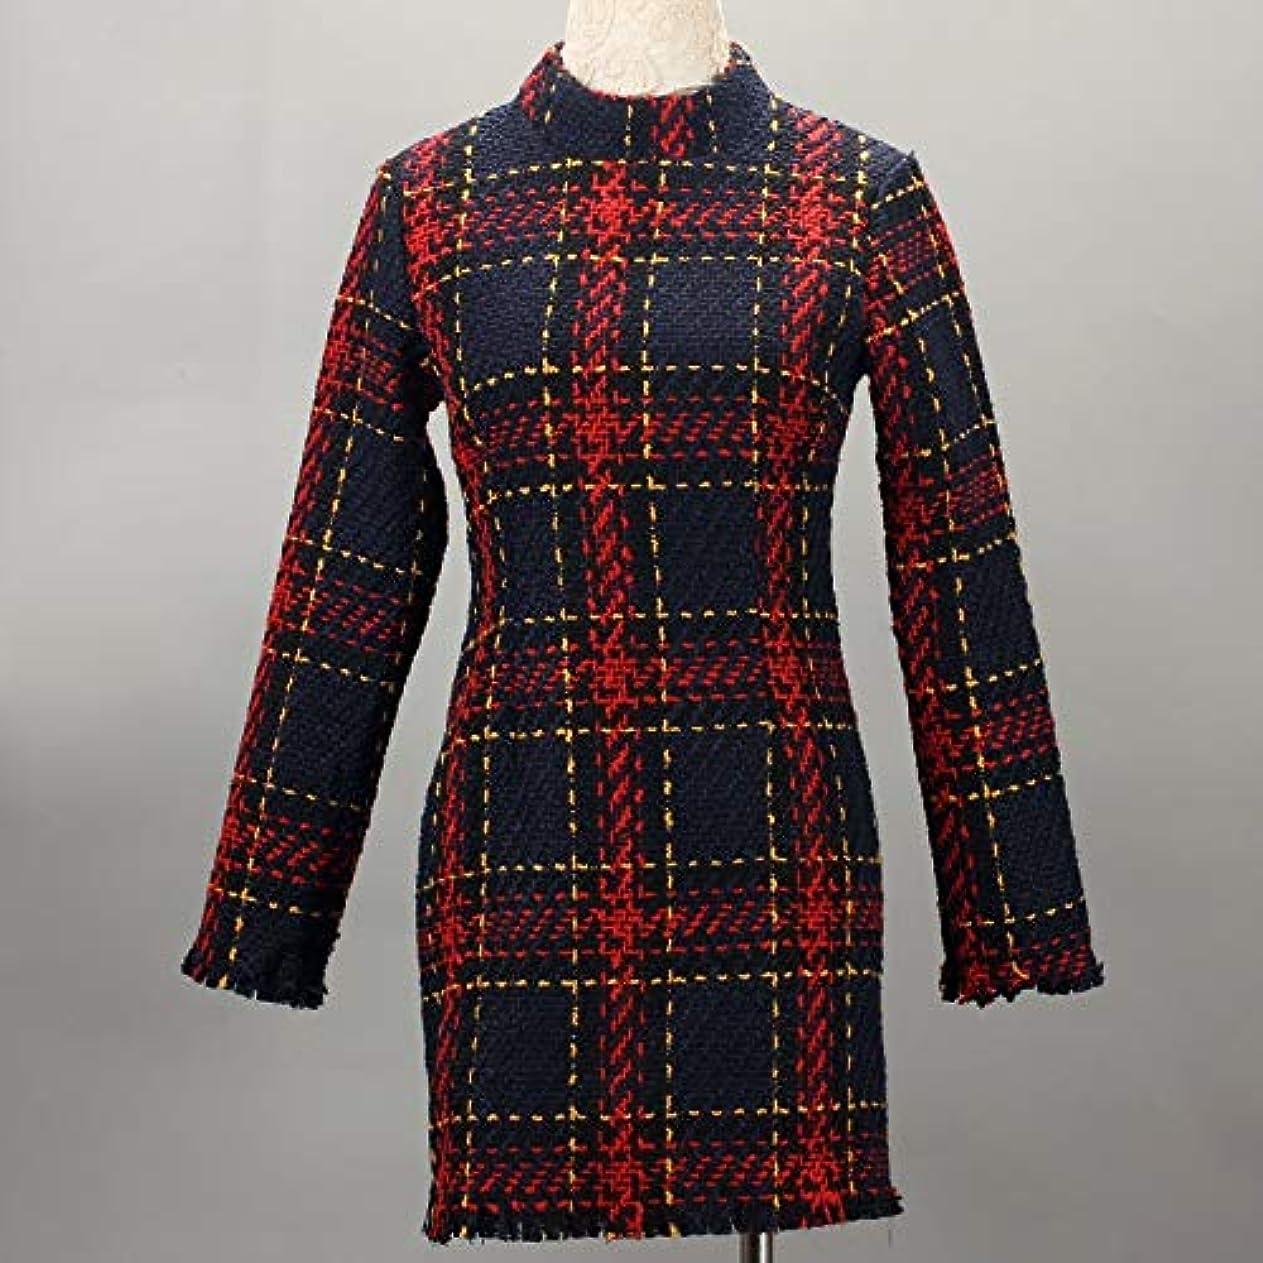 落花生トラフ行動Onderroa - ファッション冬のドレスの女性は、ストライプ長袖スリムスキニーセクシーなミニボディコンヴィンテージvestidosドレスの女性を印刷PLAID